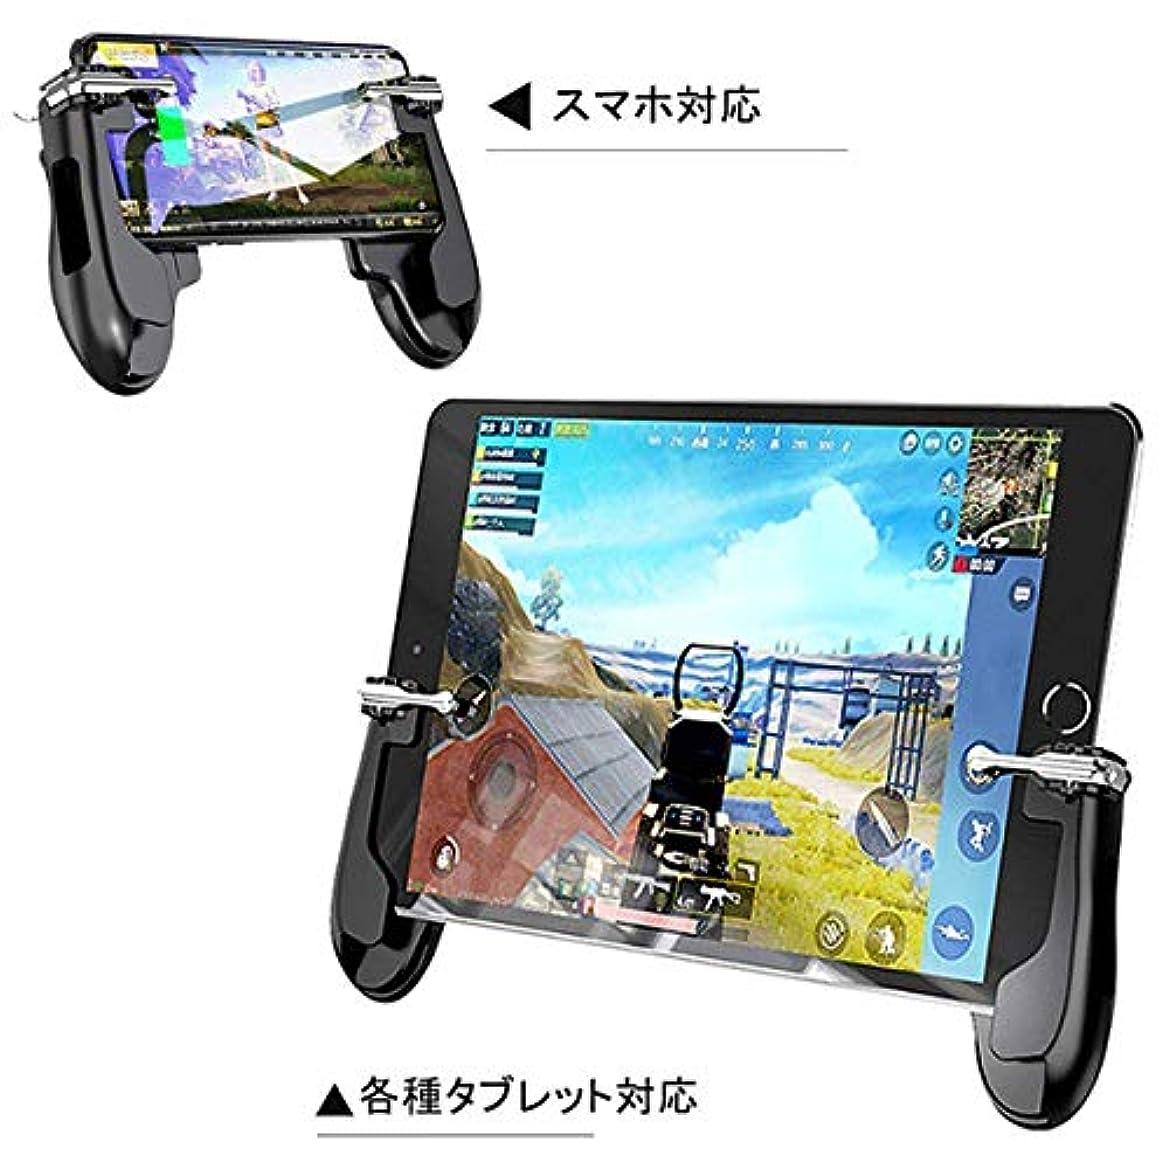 パイプライン余計な合理的iPad専用 荒野行動 pubg mobile コントローラー 射撃ボタン ゲームパッド 高感度 高速射撃 優れたゲーム体験 人間工学設計 クリック感 iphone/Android/ipad air/mini/pro タブレット 対応